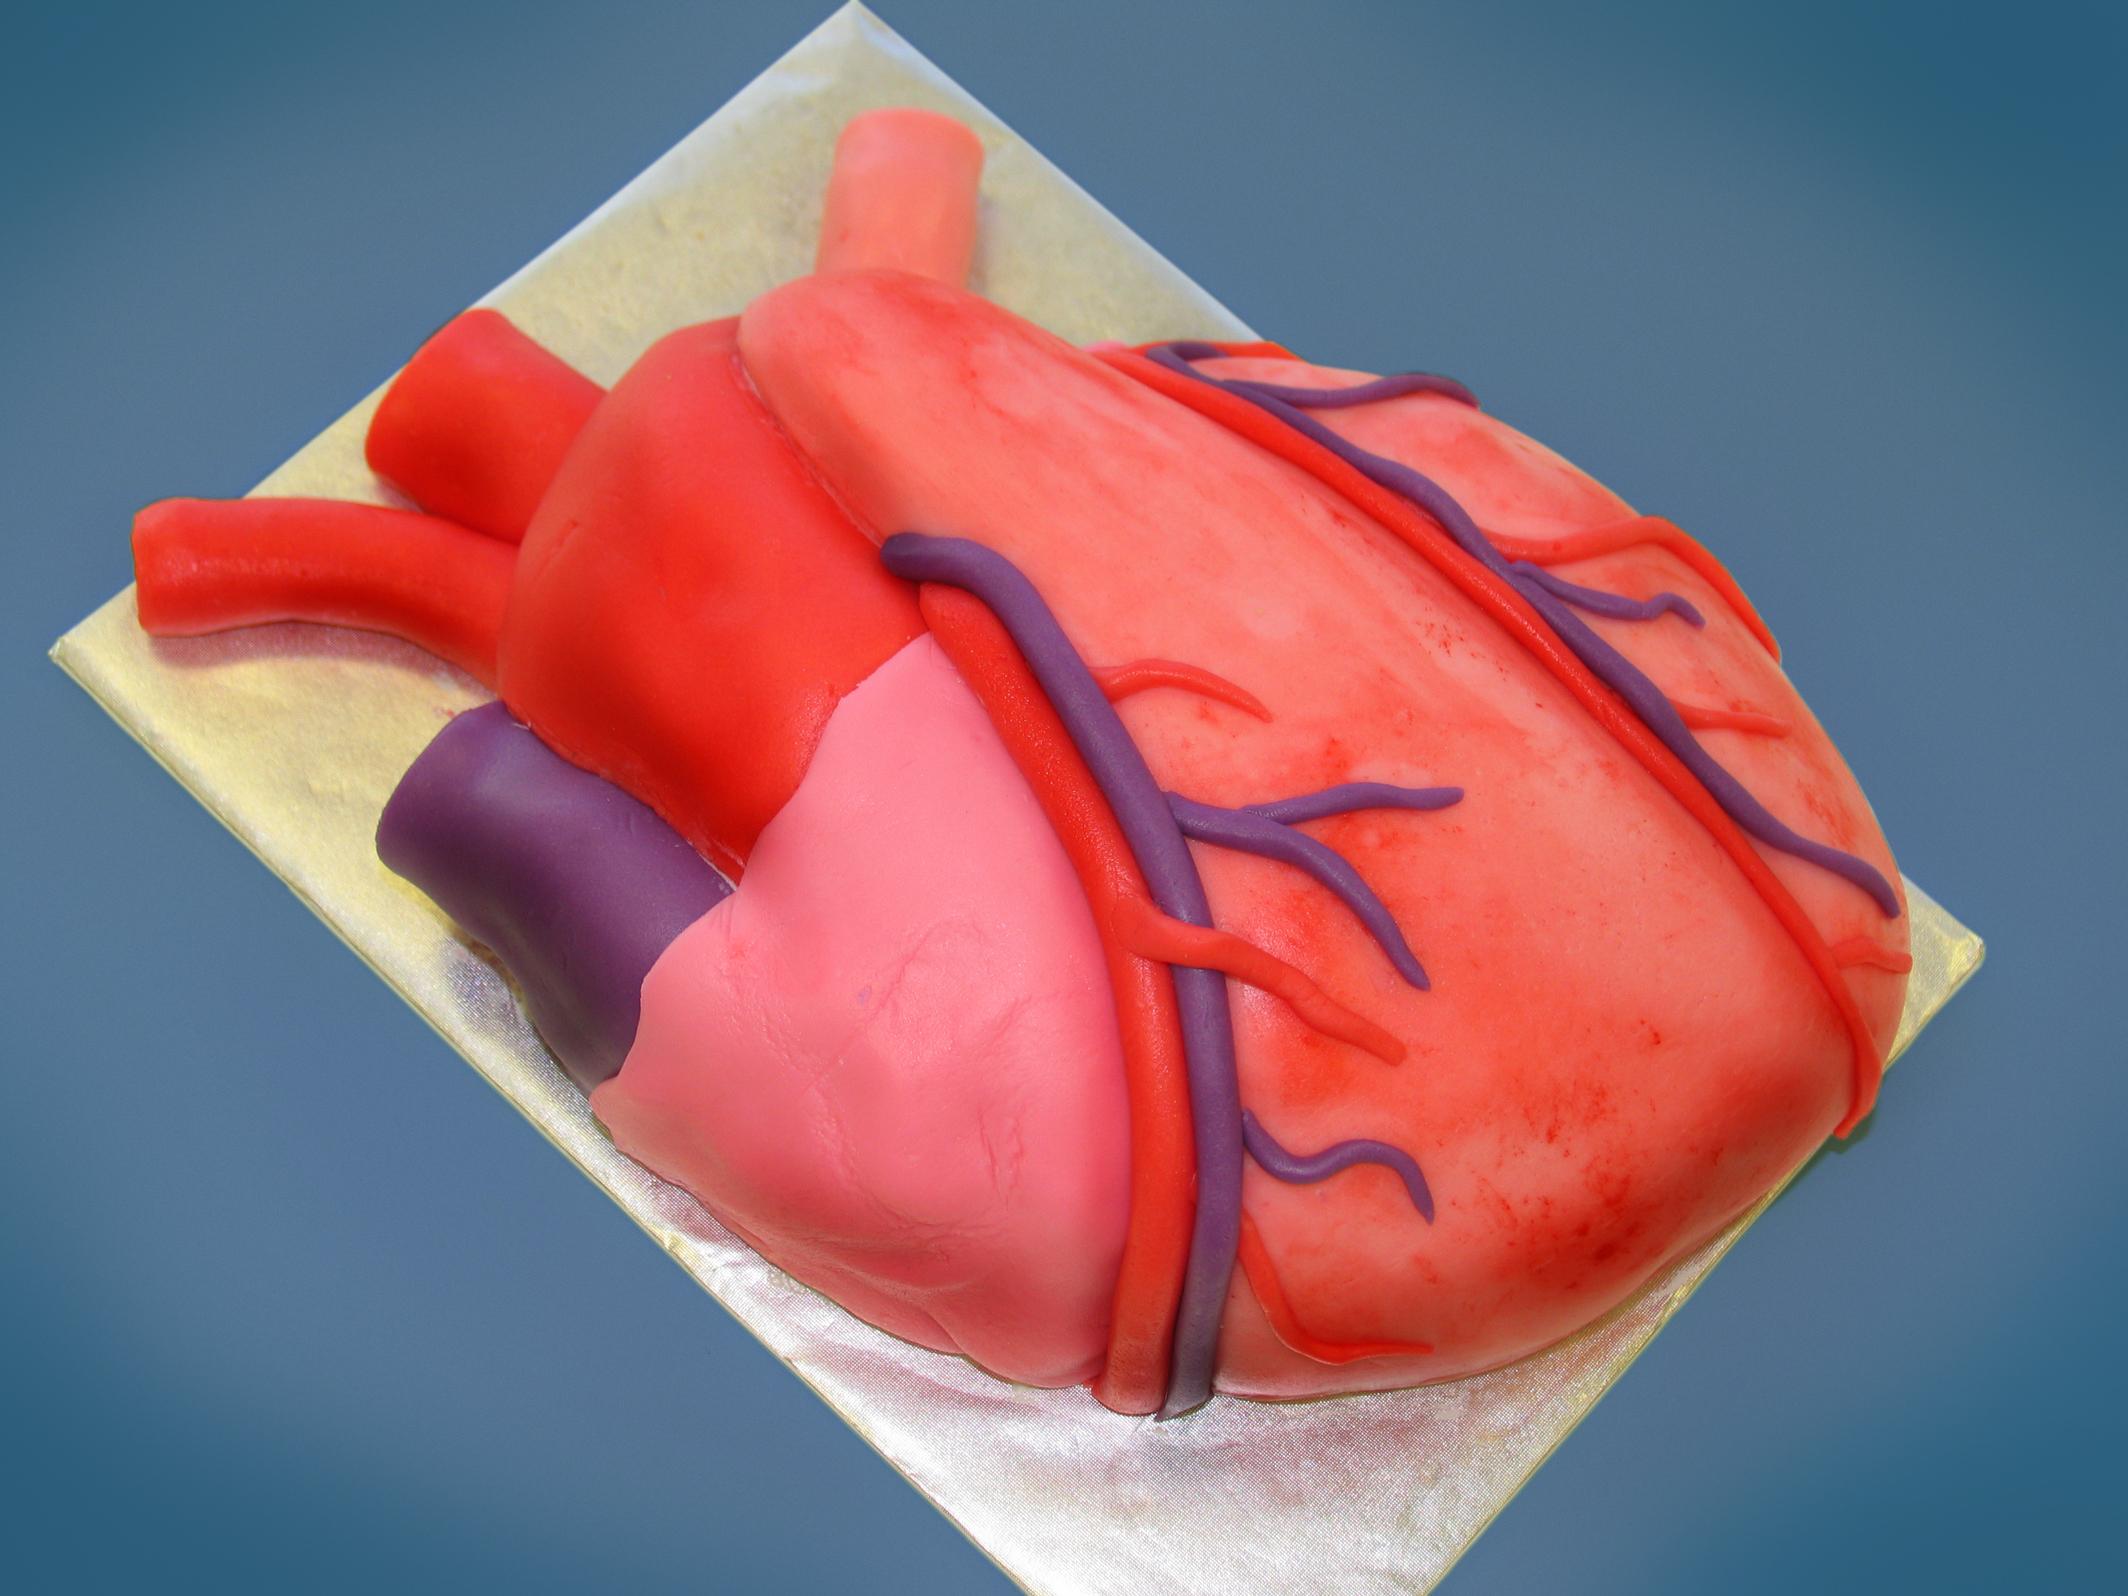 valentines-day-cakes-cupcakes-mumbai-11